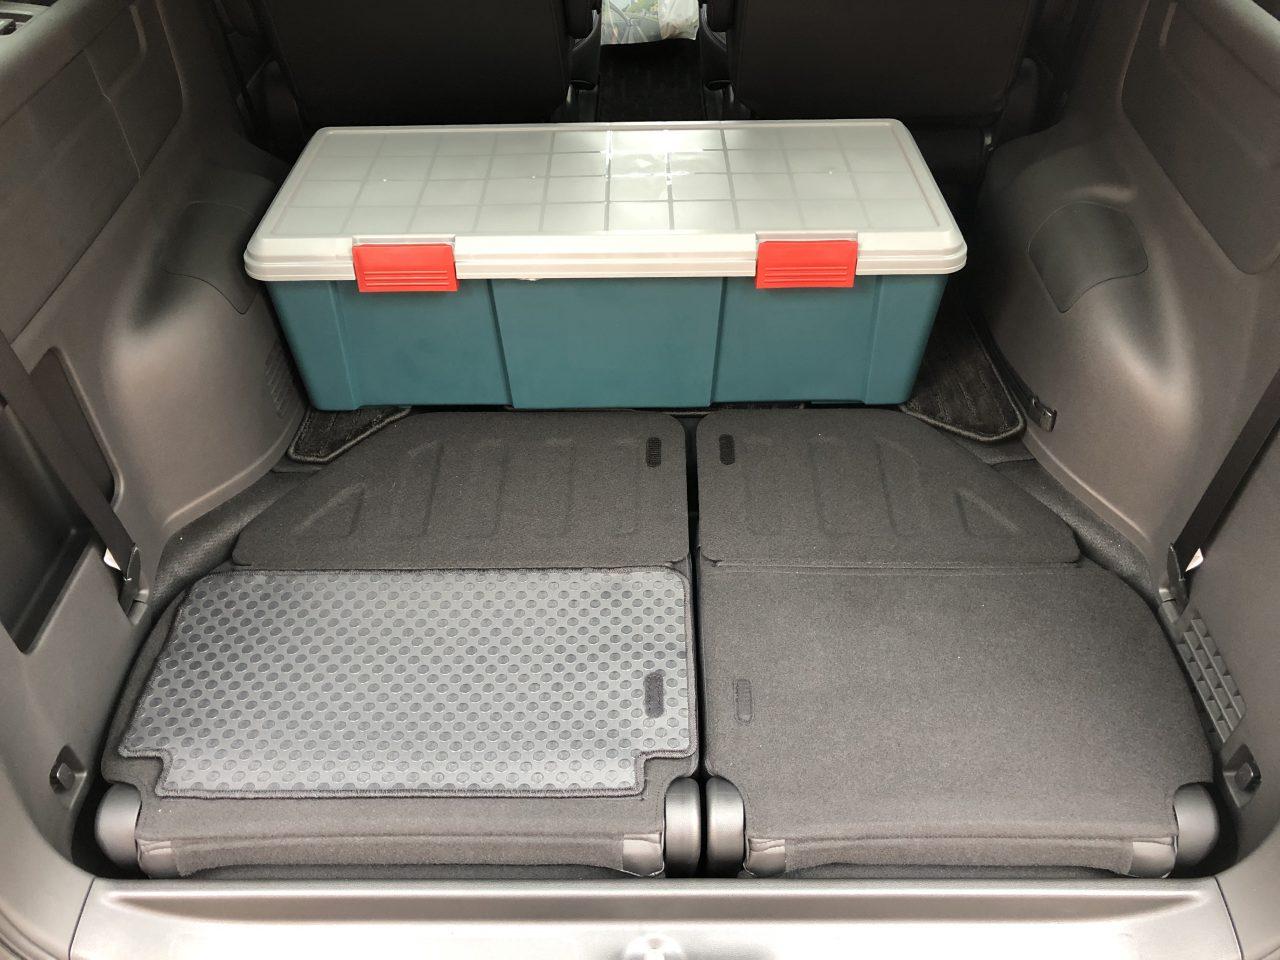 ステップワゴンの荷室はフォレスターよりやや狭くなった